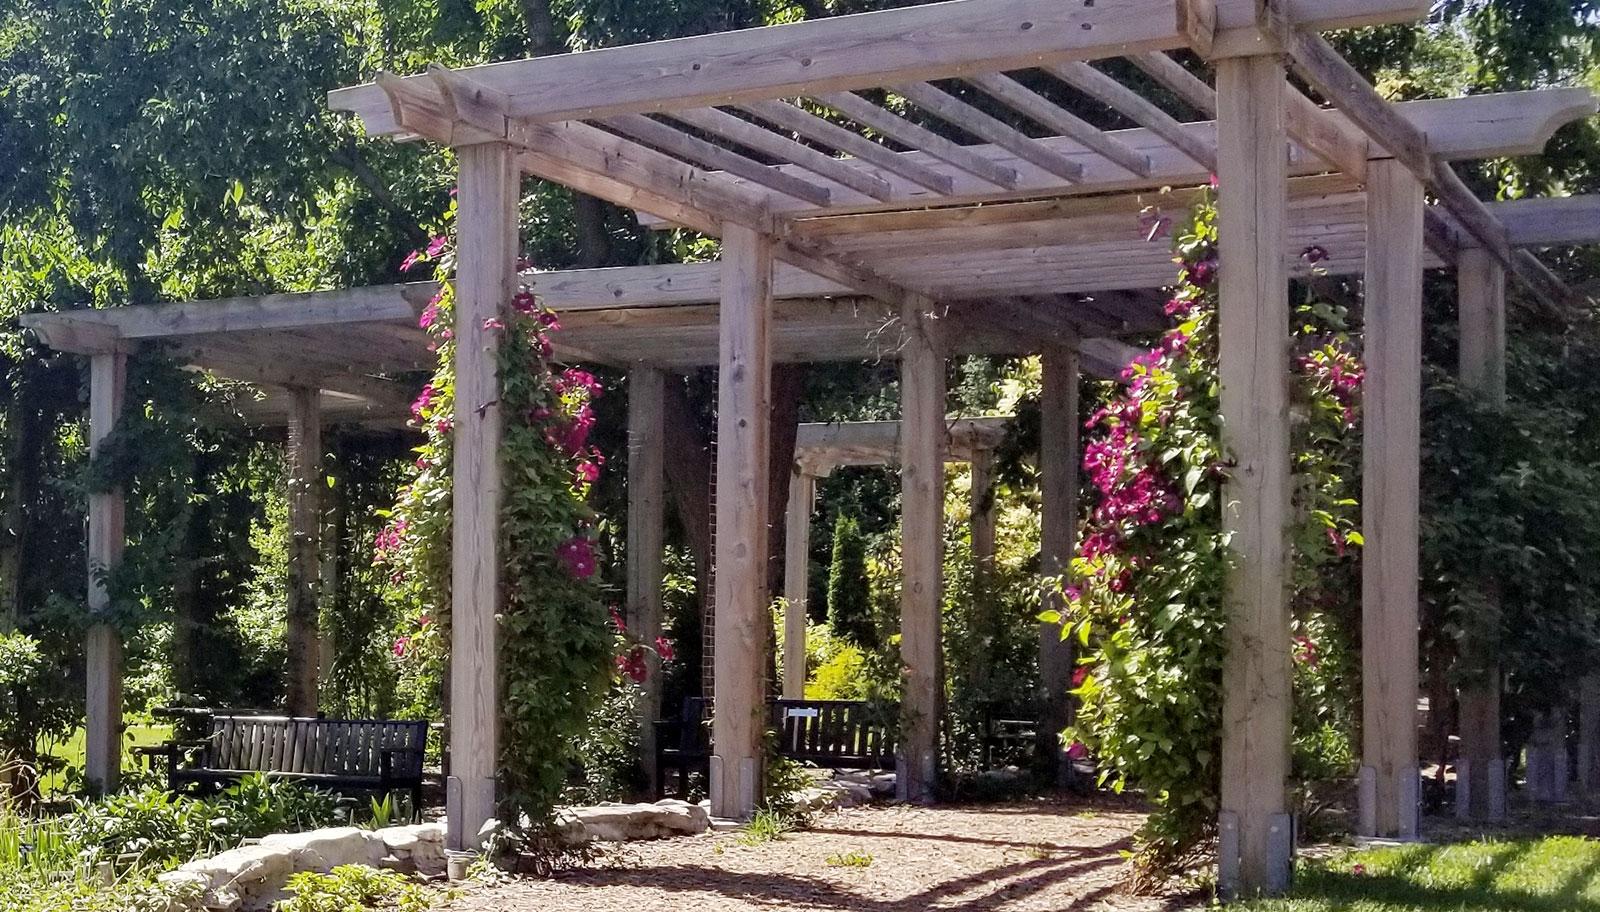 East Campus Arboretum